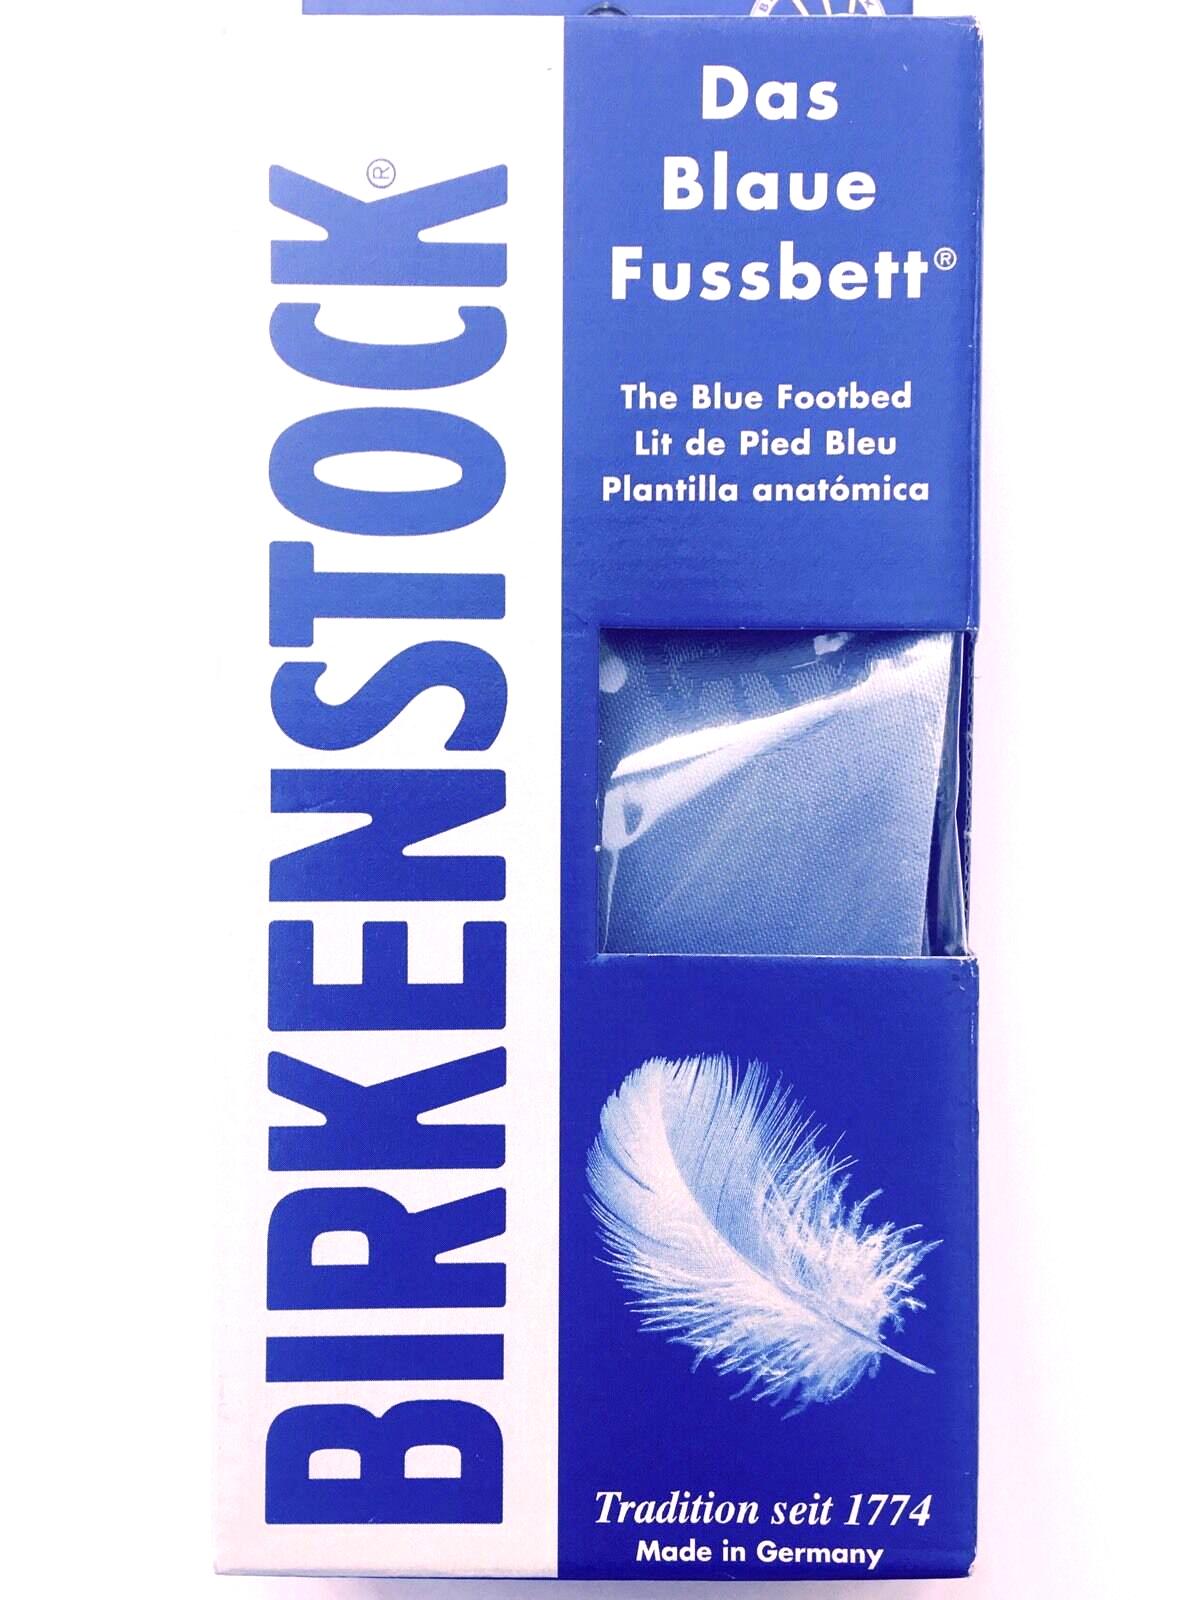 birkenstock the blue footbed